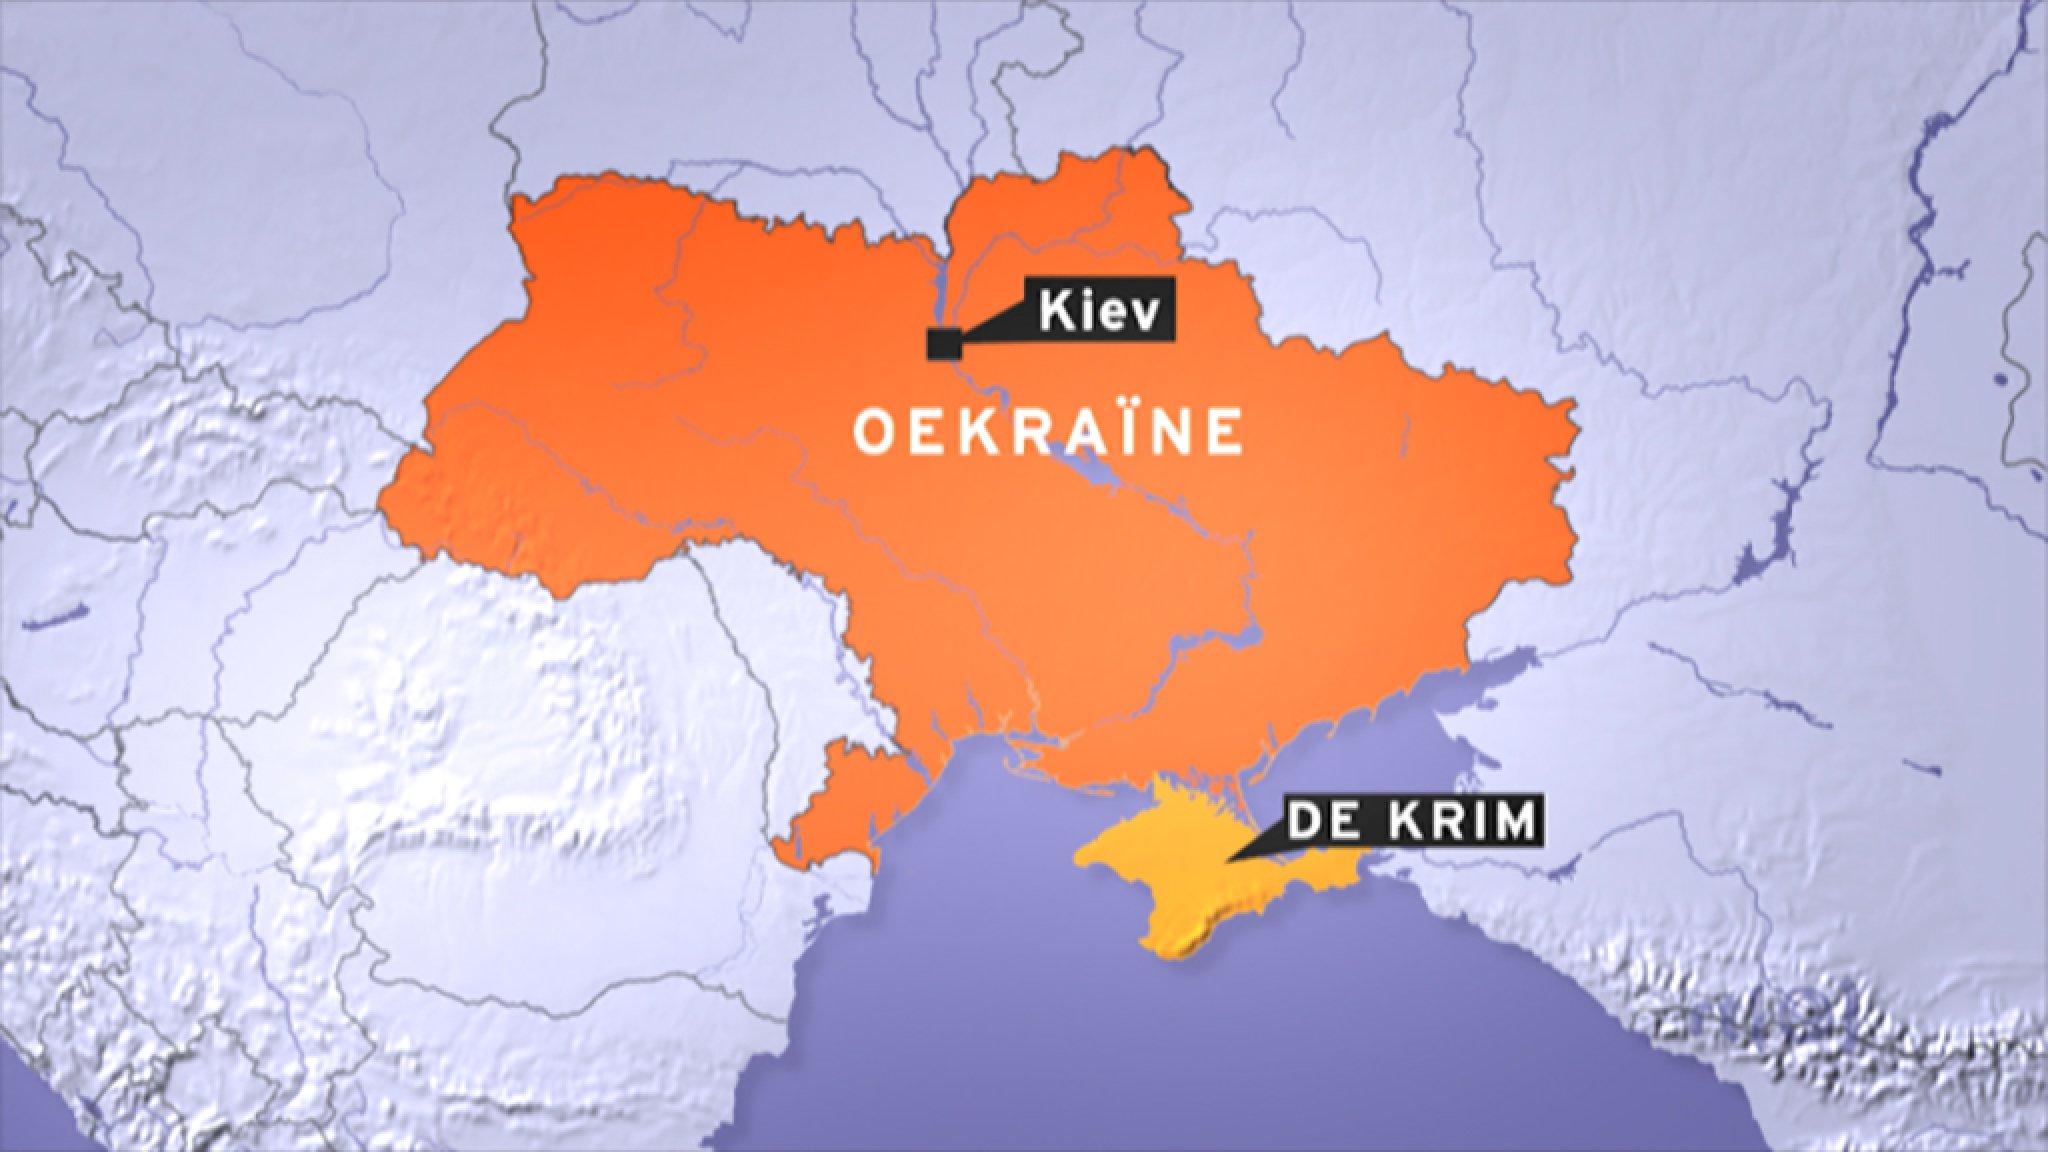 Oekraïne